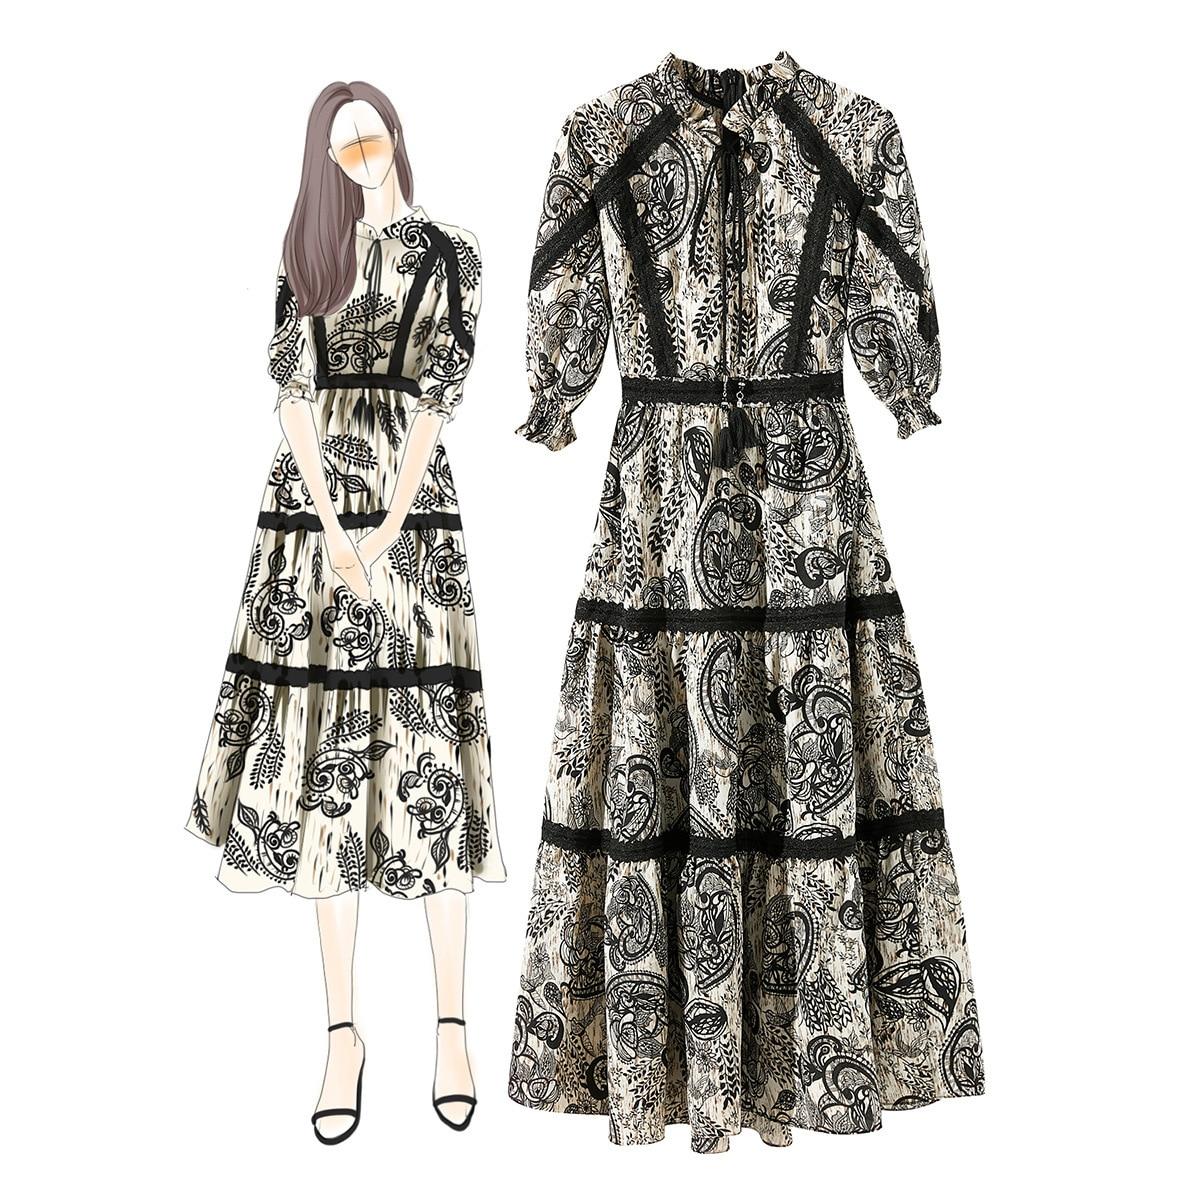 Boutique été plage dentelle élégante impression robe mode Vintage Style femmes Sexy Boho Maxi robe pour vêtements de vacances